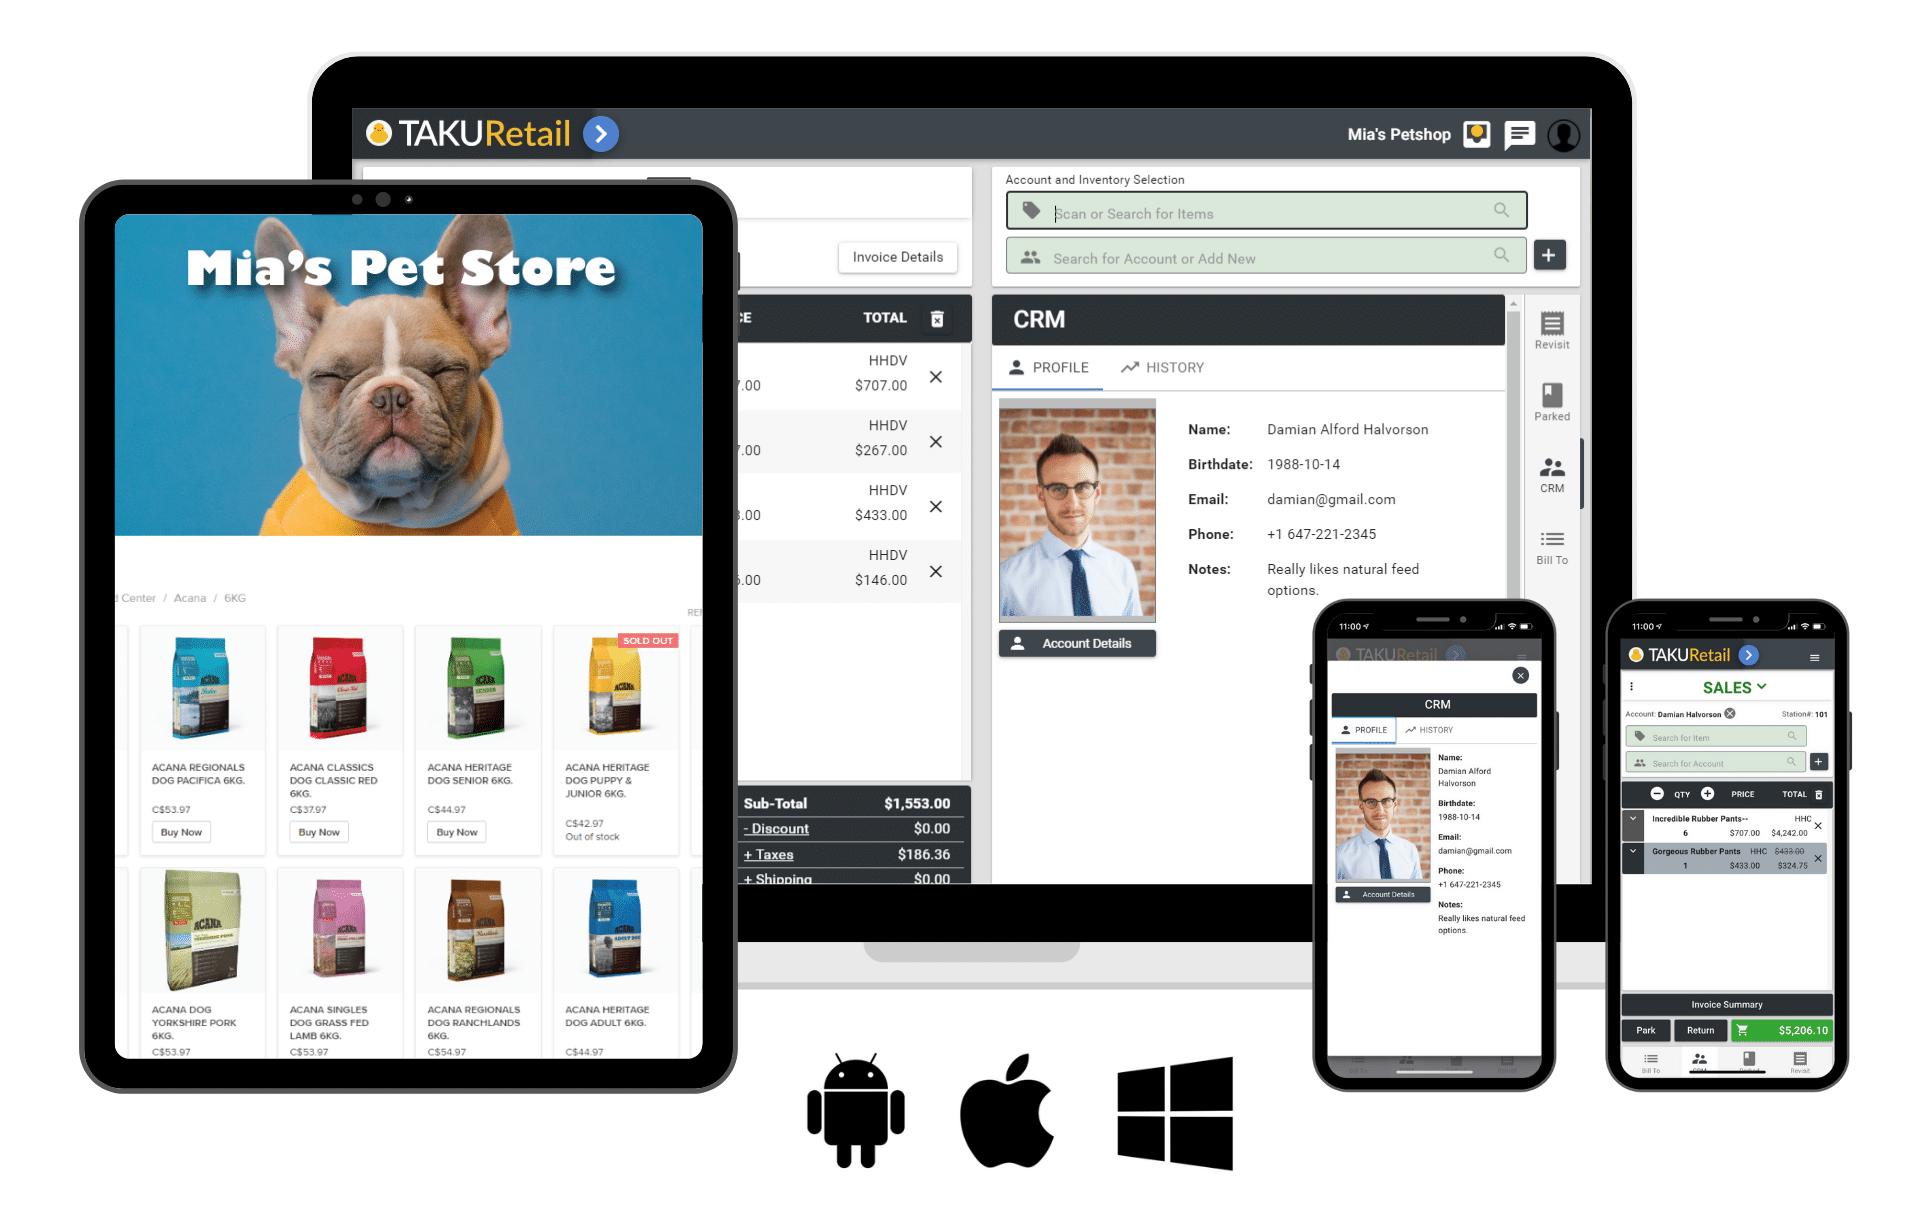 TAKU Retail - One Platform, Any Device